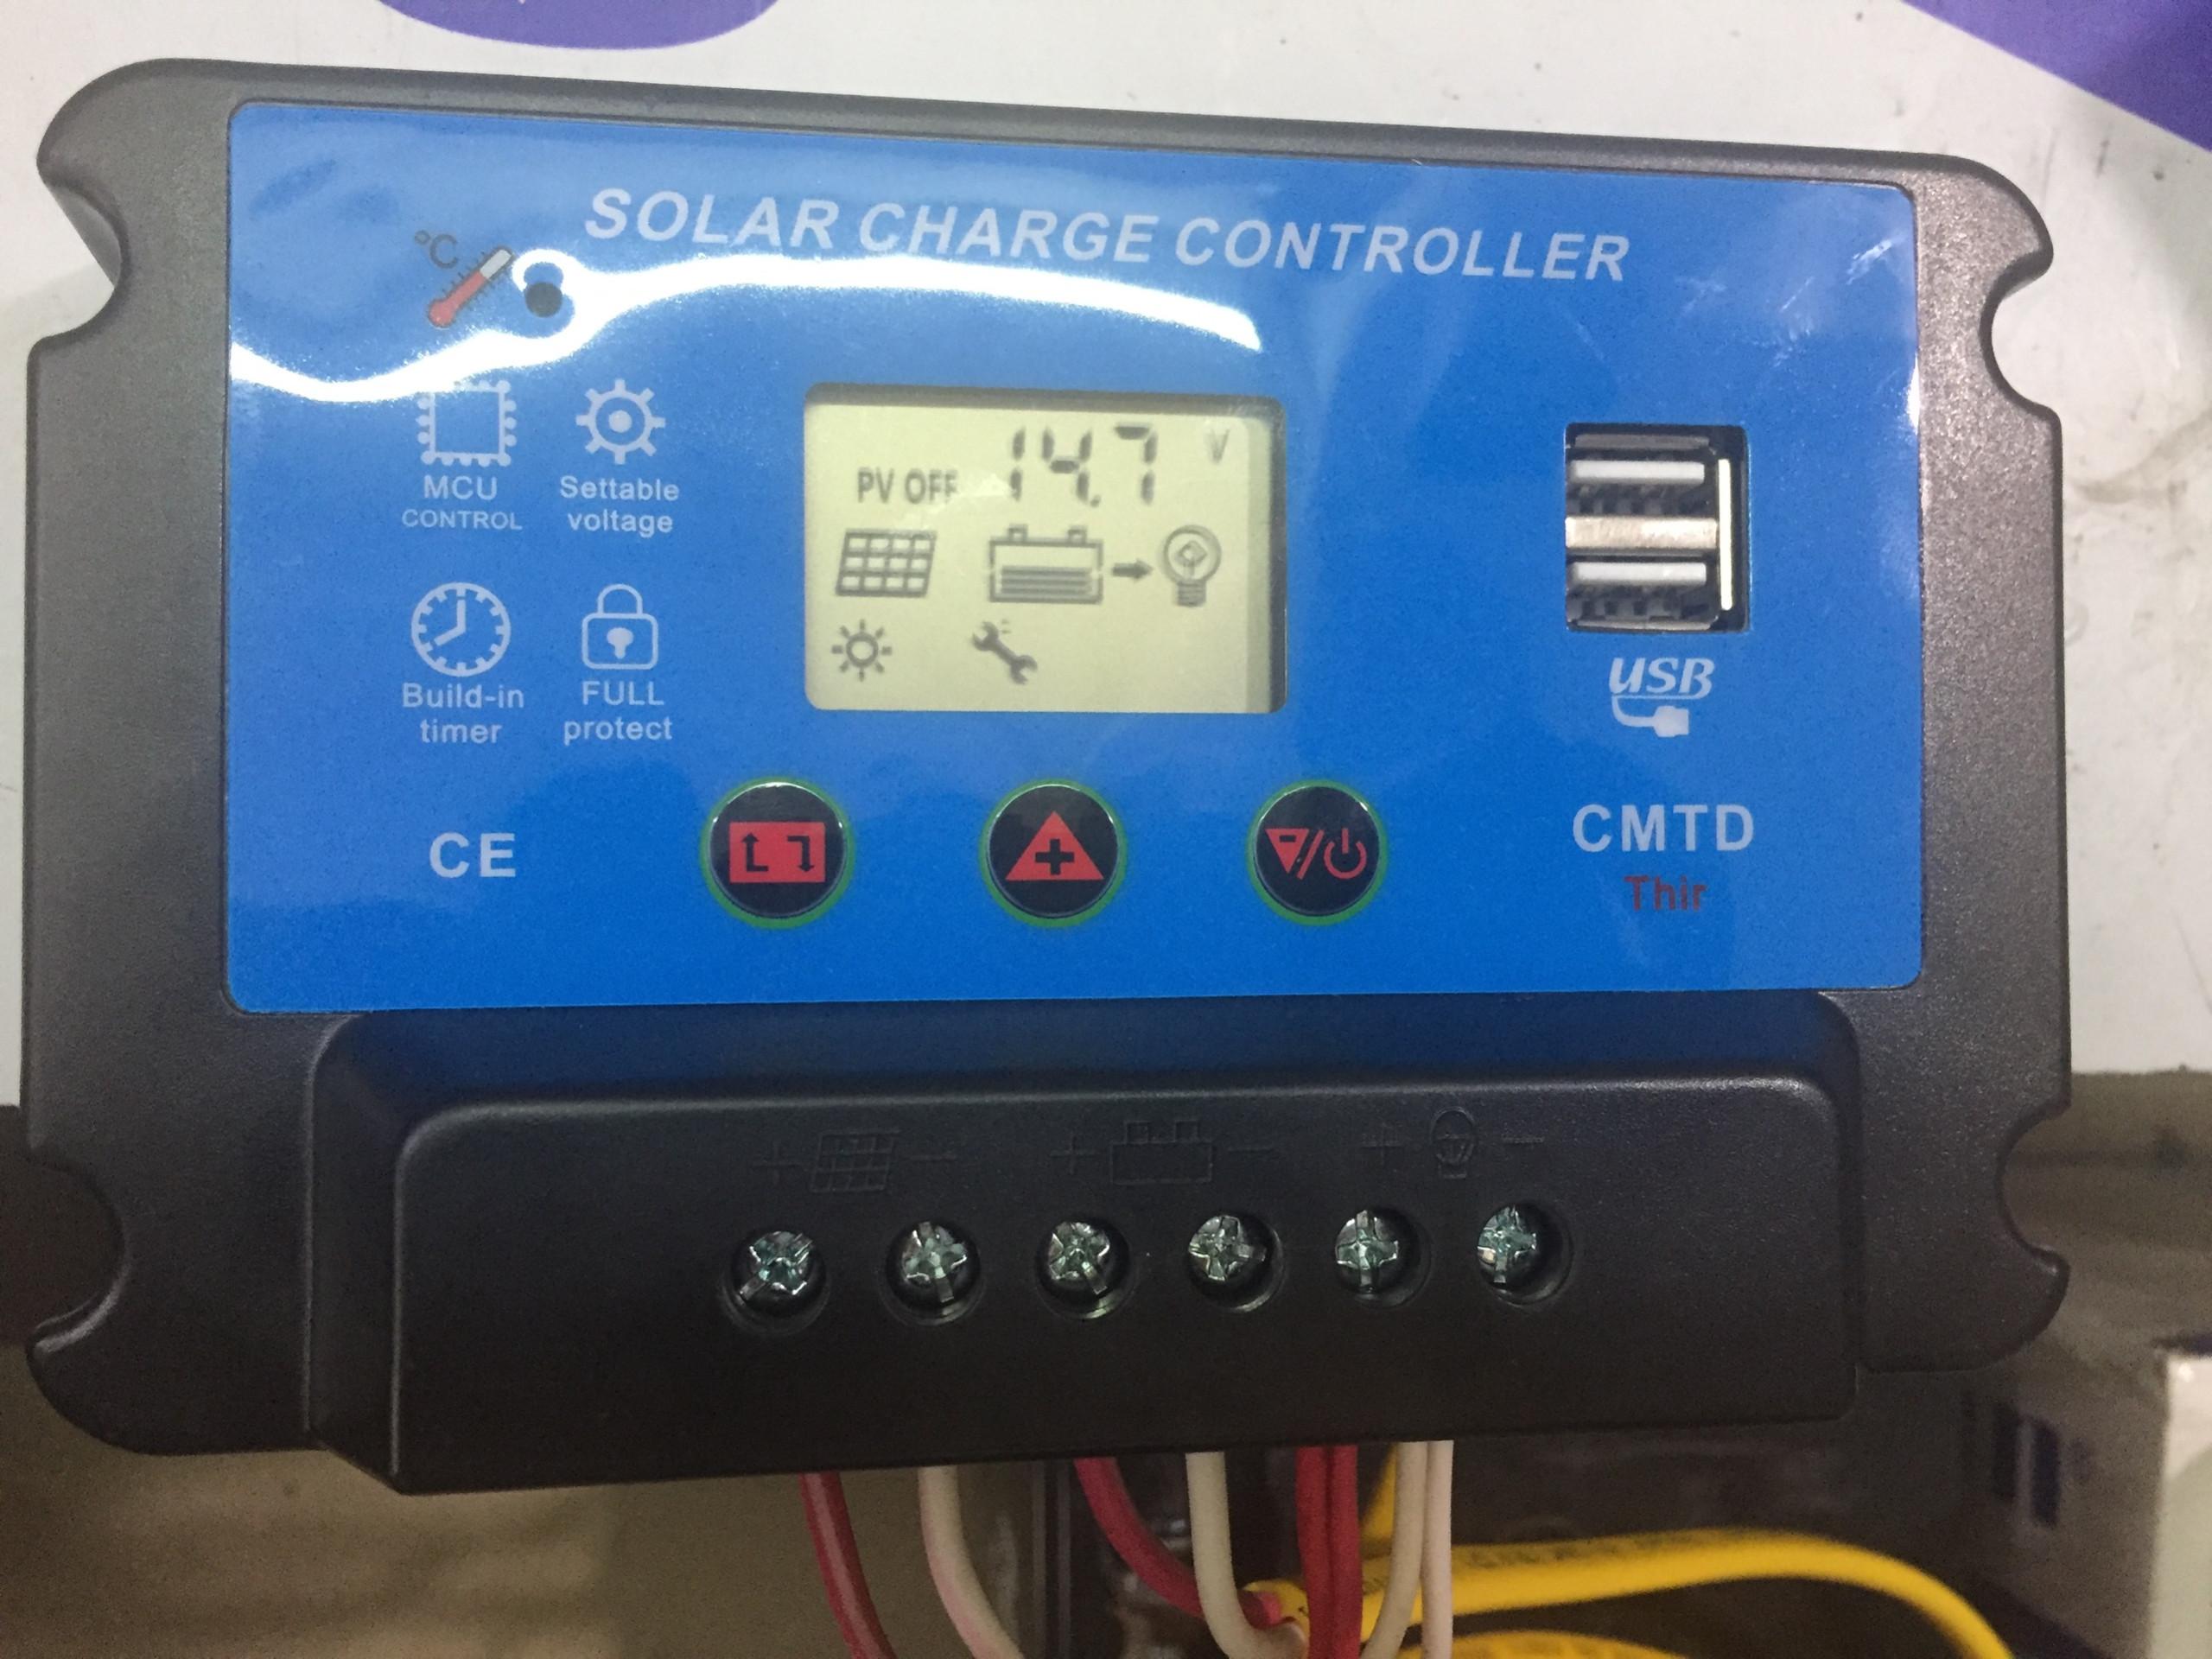 bộ điều khiển sạc solar charger controller 24v